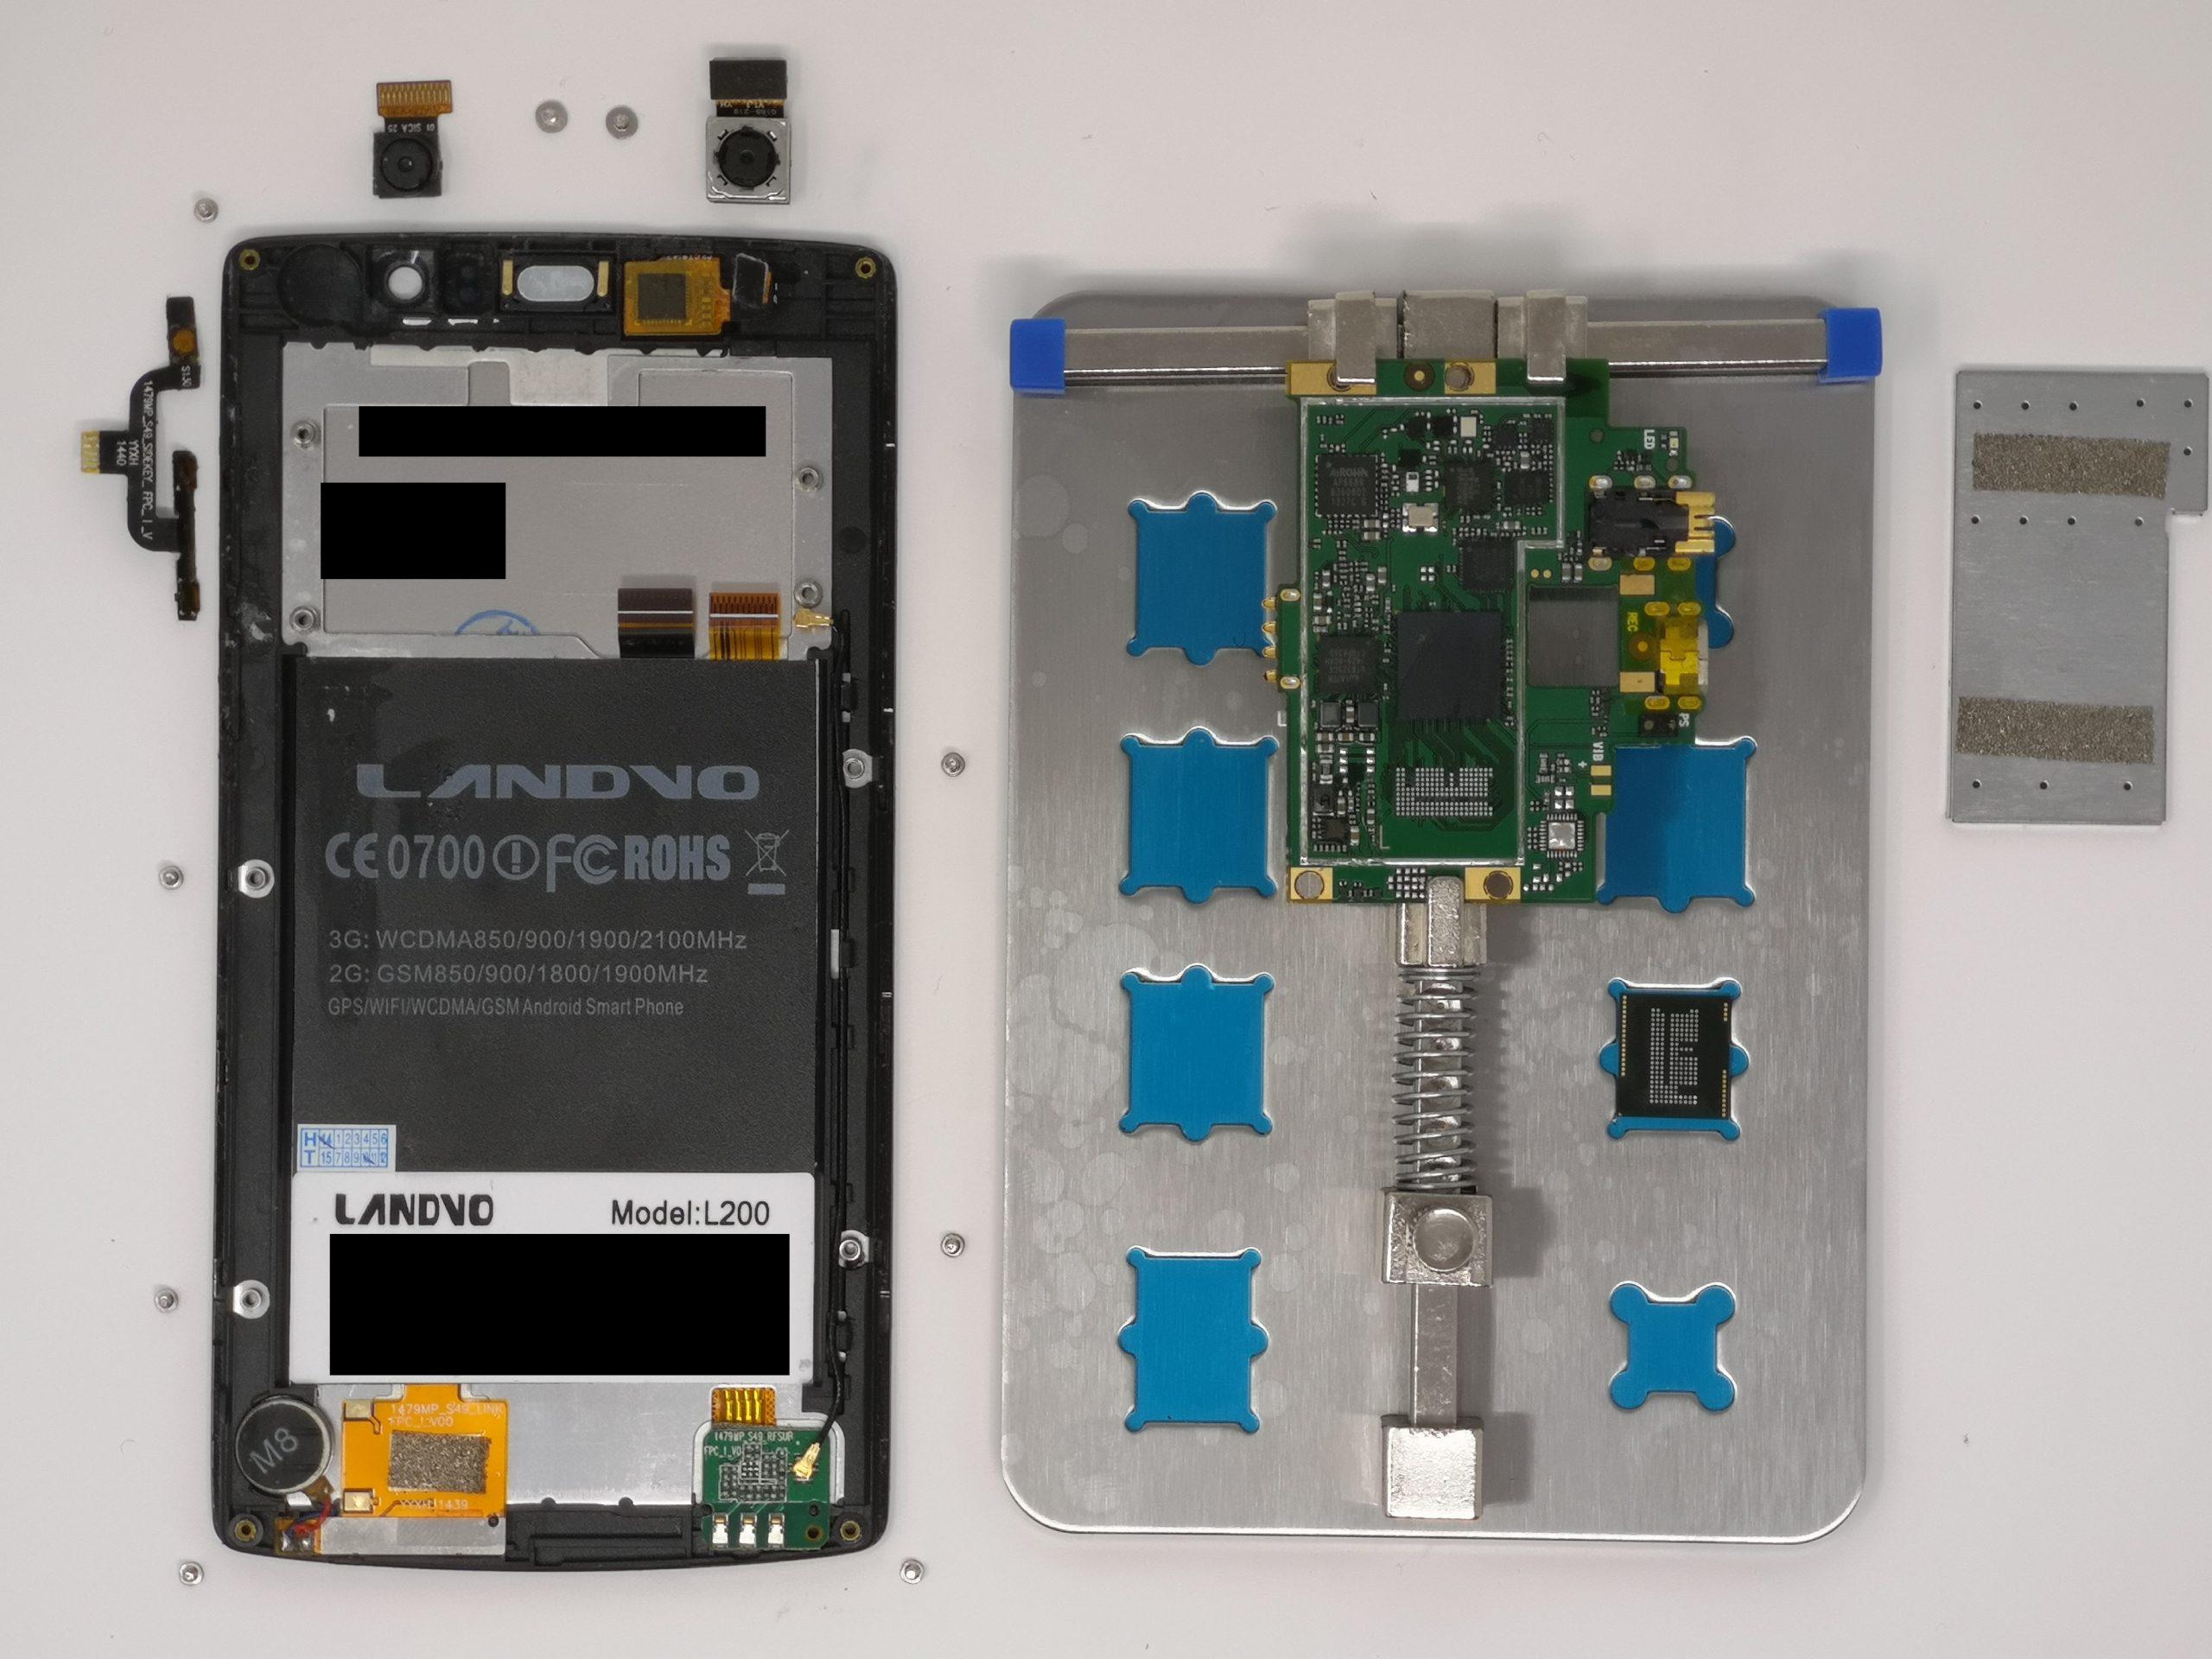 Reparatur von Geräten und Chip-Off Methode